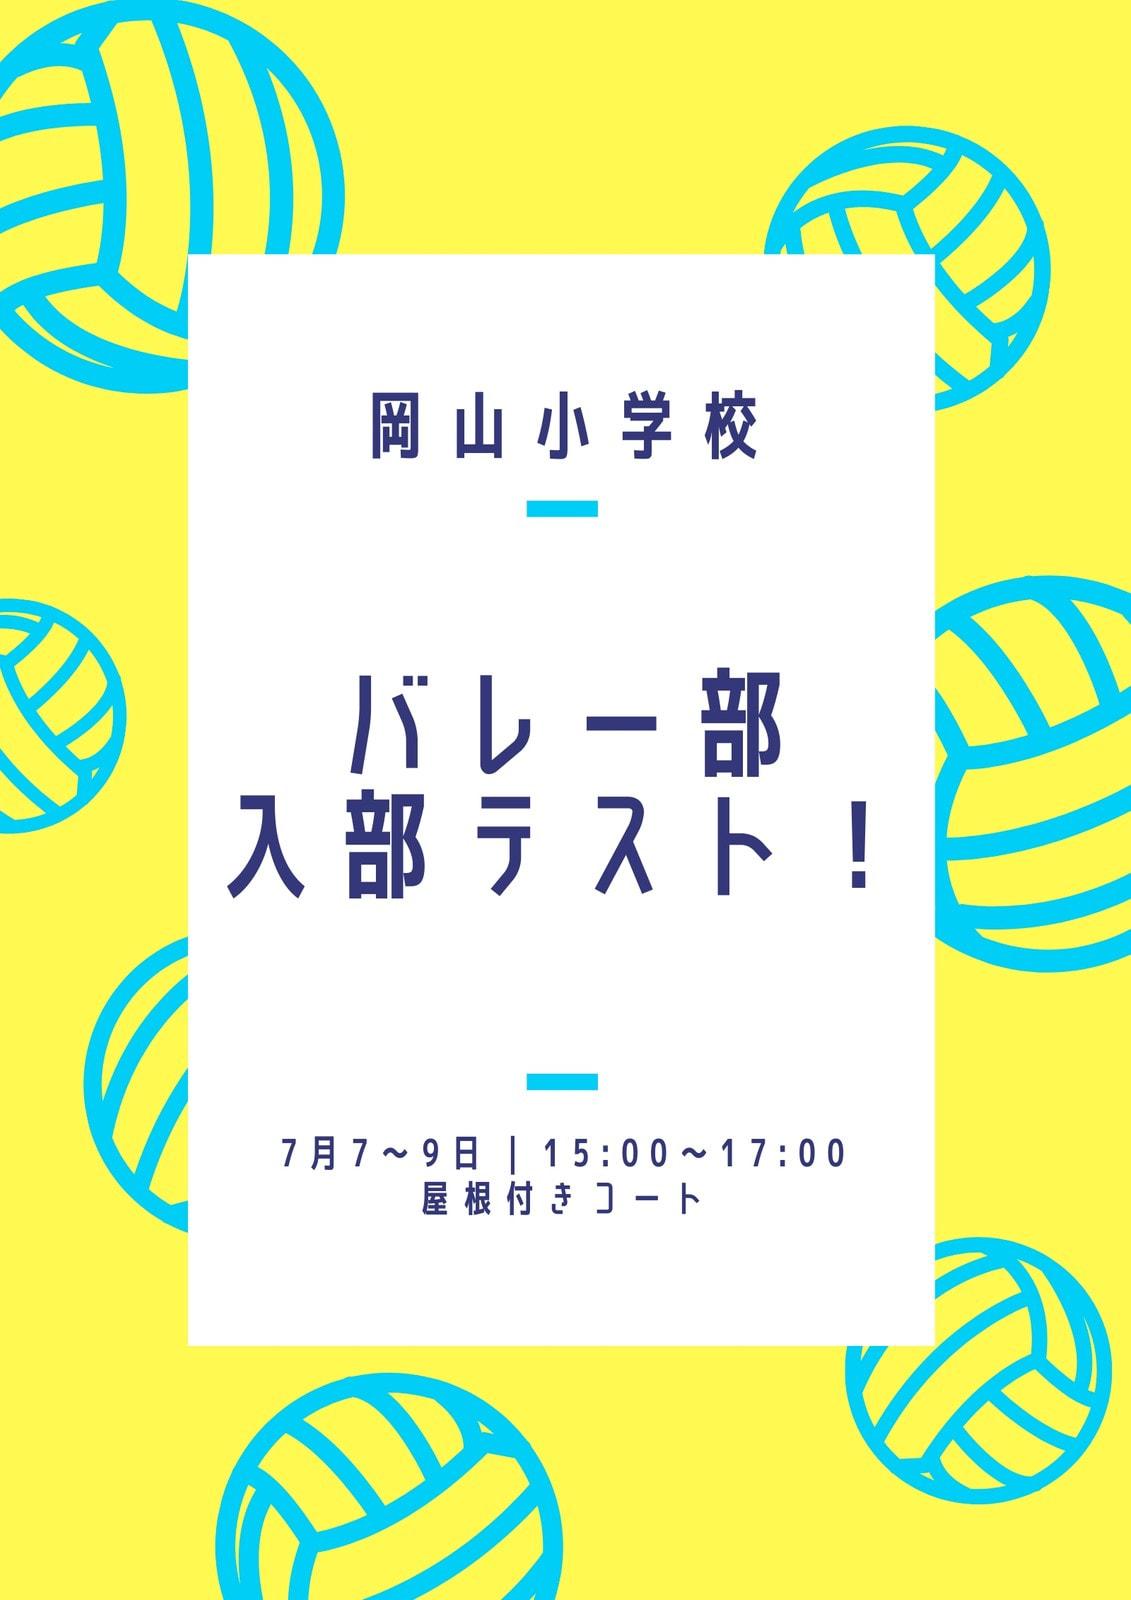 黄色と青、バレーボール、入団テスト、ポスター